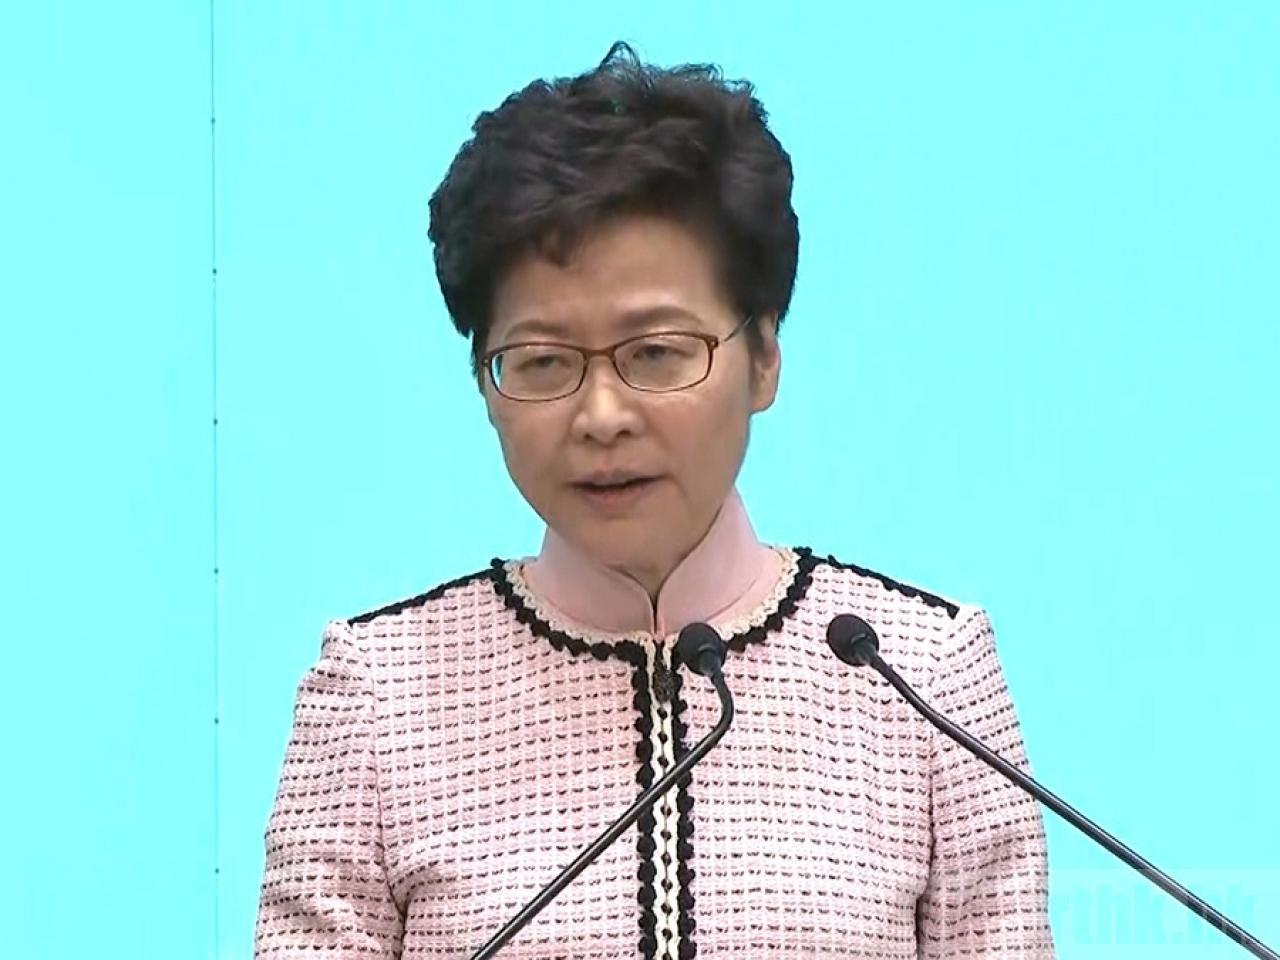 林鄭月娥稱,現時說什麼都可能會釋放錯誤訊息,誤以為違法行為會被赦免。取自香港電台